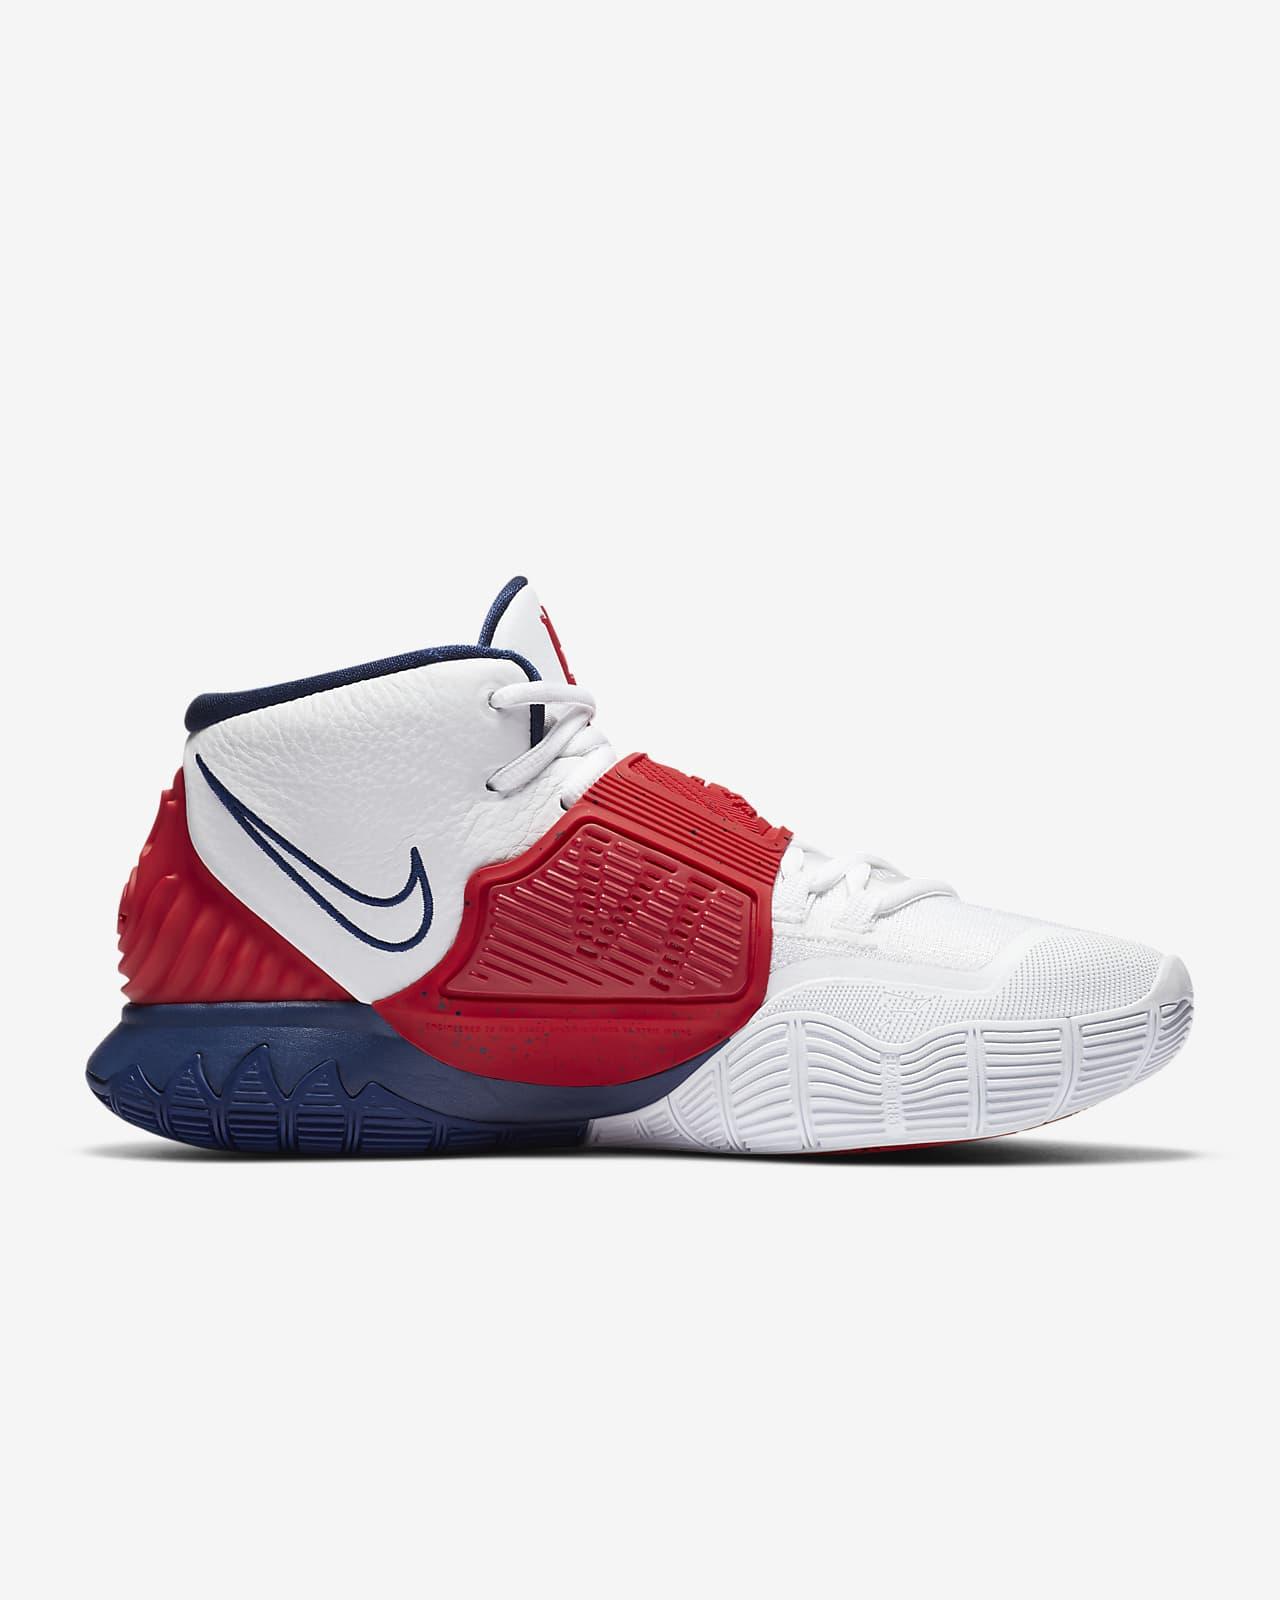 scarpe basket uomo nike kyrie